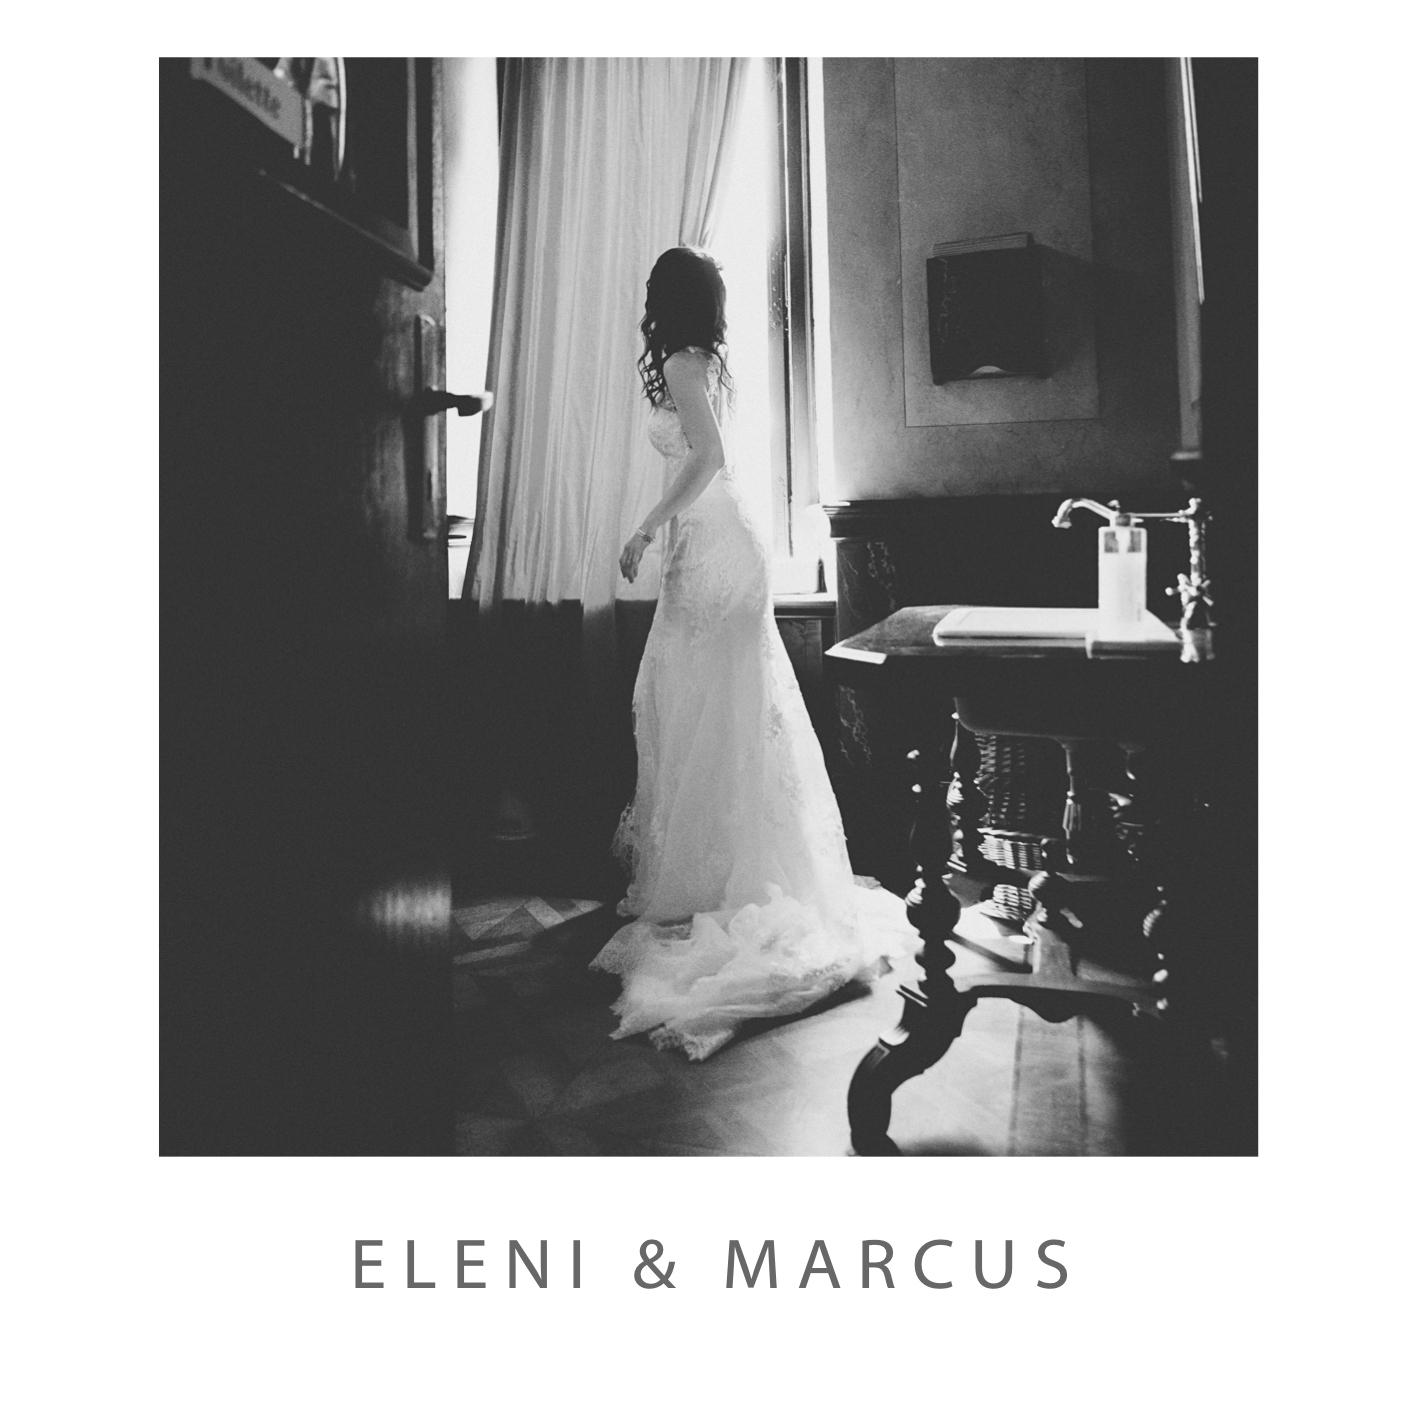 Hochzeit von Eleni und Marcus auf Schloß Püchau -  Fotograf Dirk Brzoska aus Leipzig www.dirk-brzoska.de